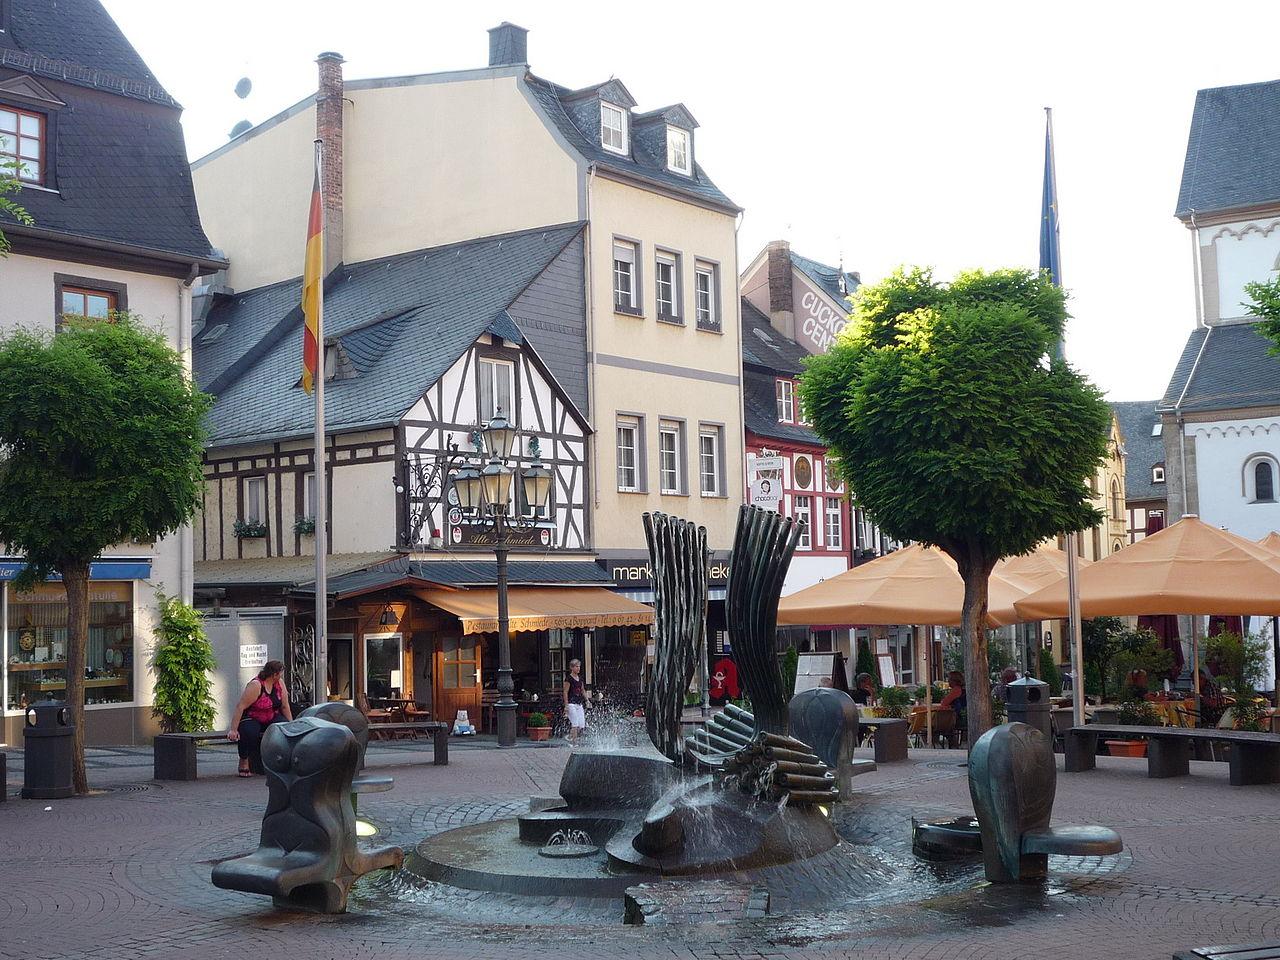 Боппард: достопримечательности, фестивали, рестораны, отзывы, самостоятельные маршруты